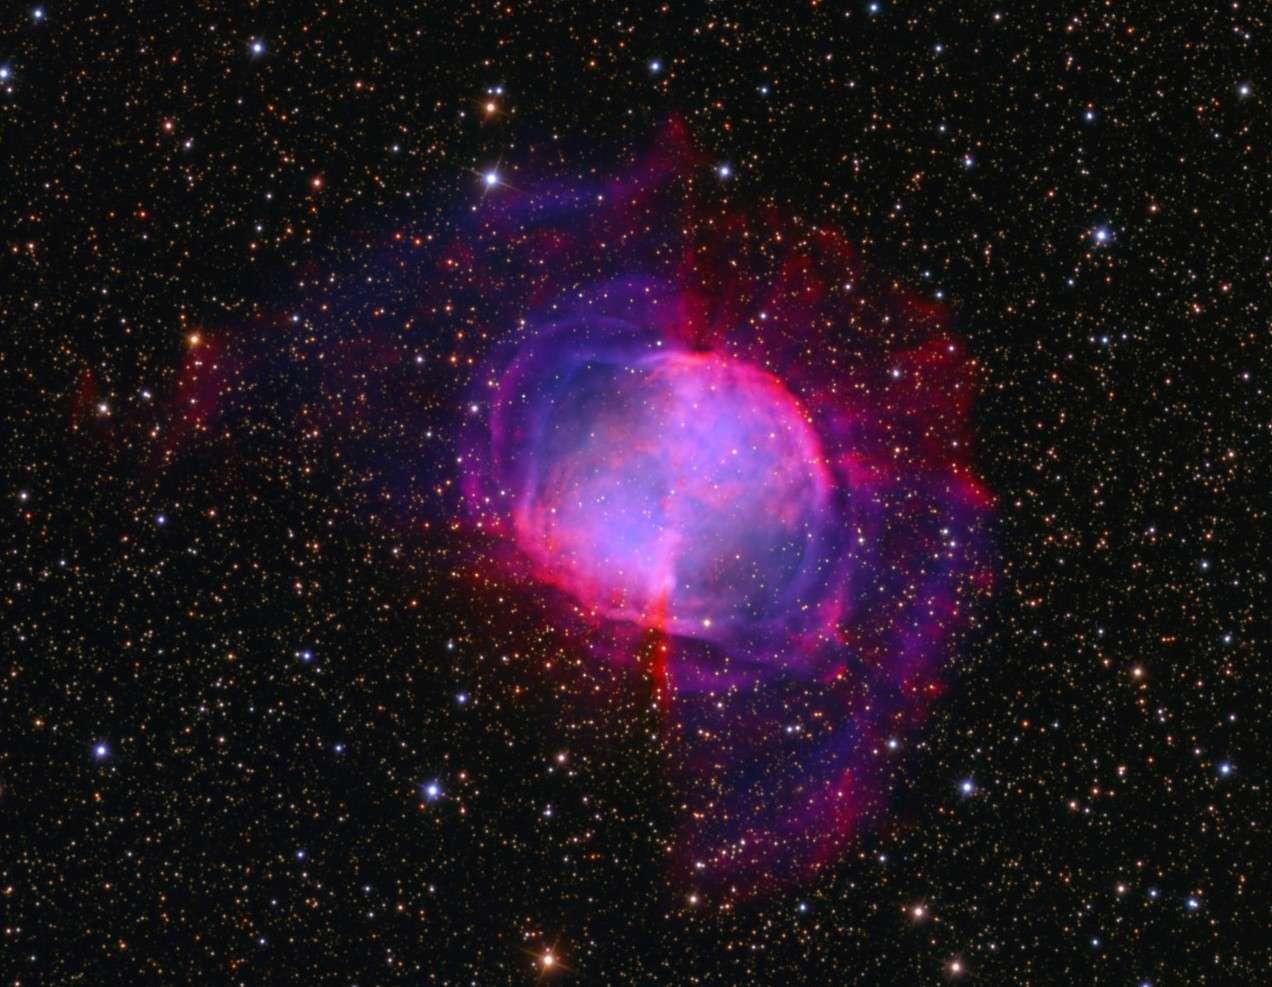 Toute la beauté de la nébuleuse planétaire Dumbbell est révélée sur cette photographie réalisée avec un télescope de 500 millimètres de diamètre et plus de 30 heures de poses. Crédit Ken Crawford